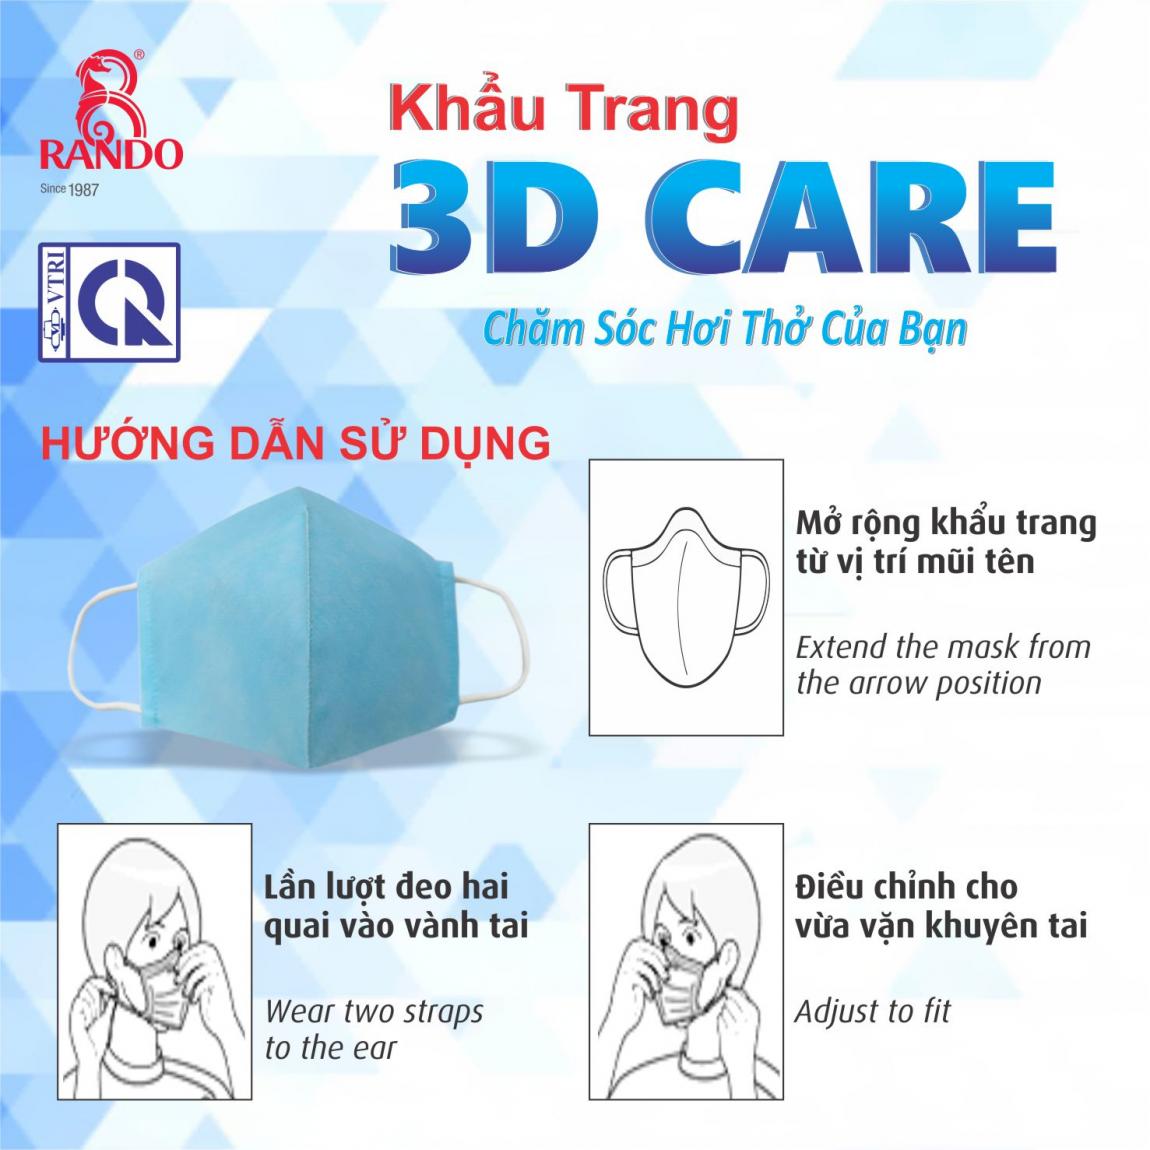 Hướng dẫn sử dụng khẩu trang 3D CARE